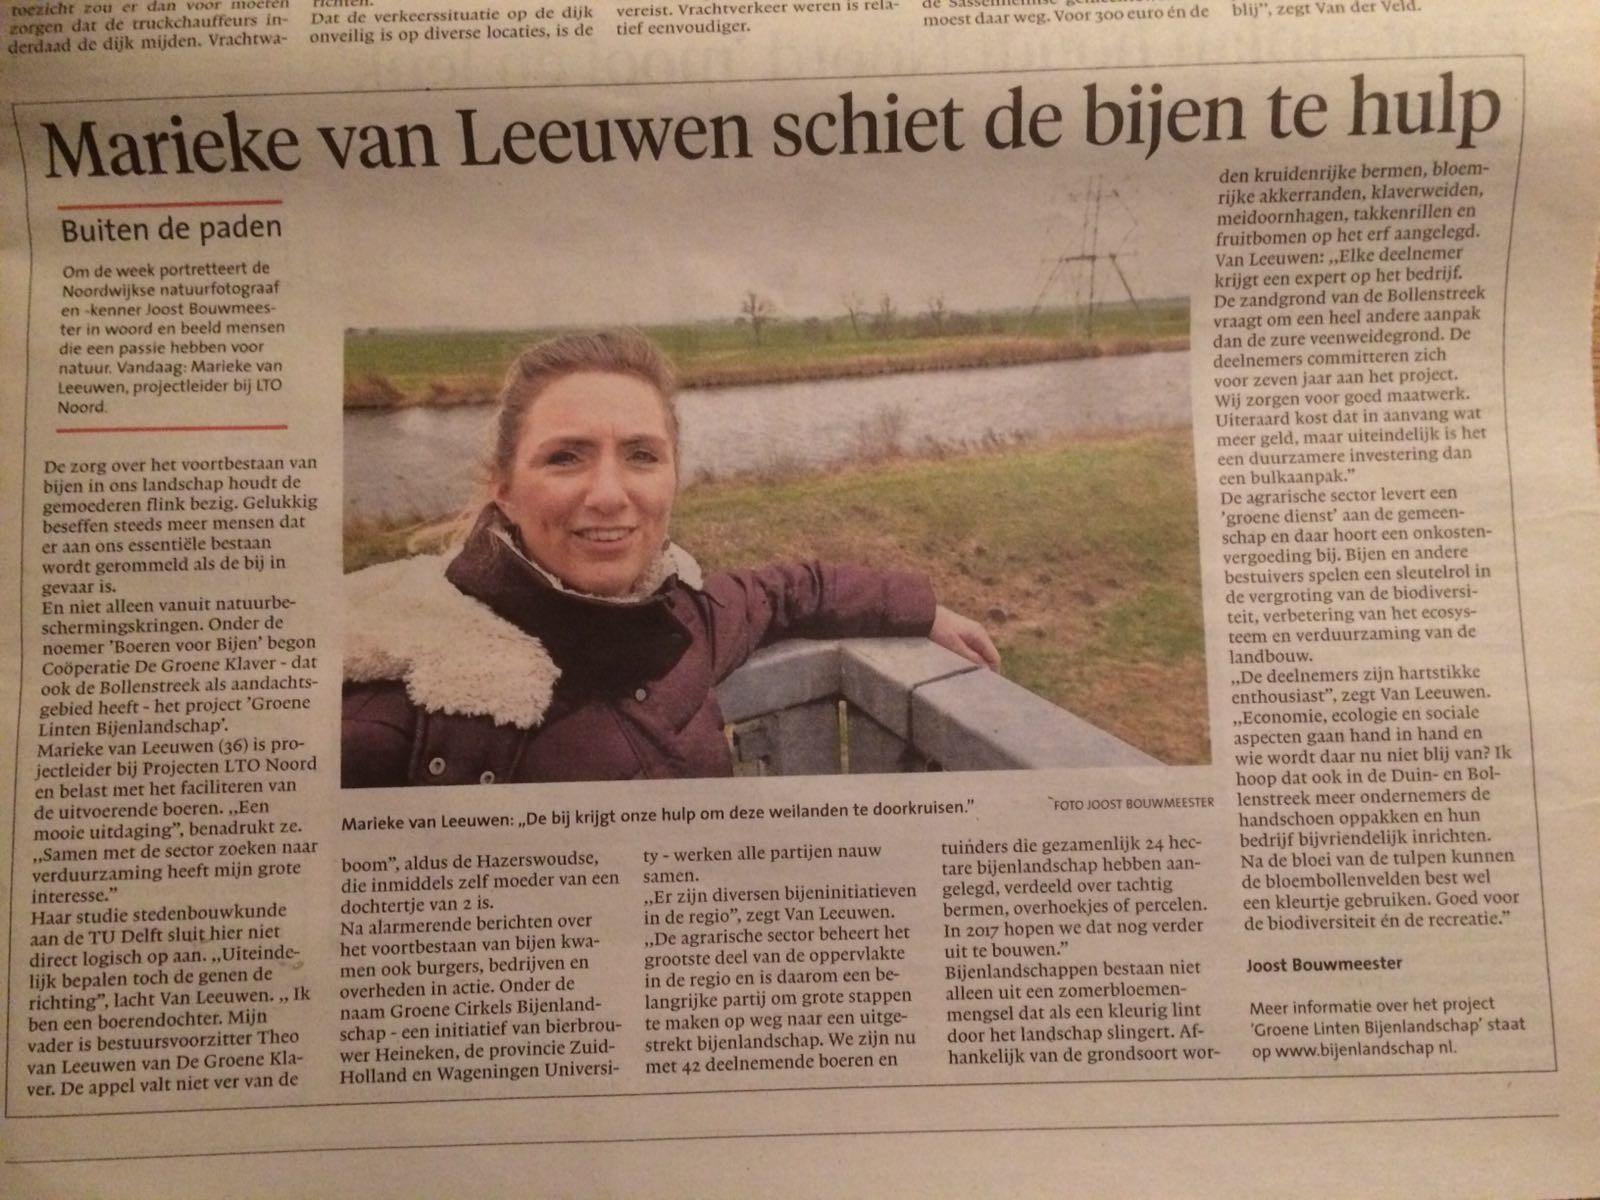 Marieke van Leeuwen in de Volkskrant